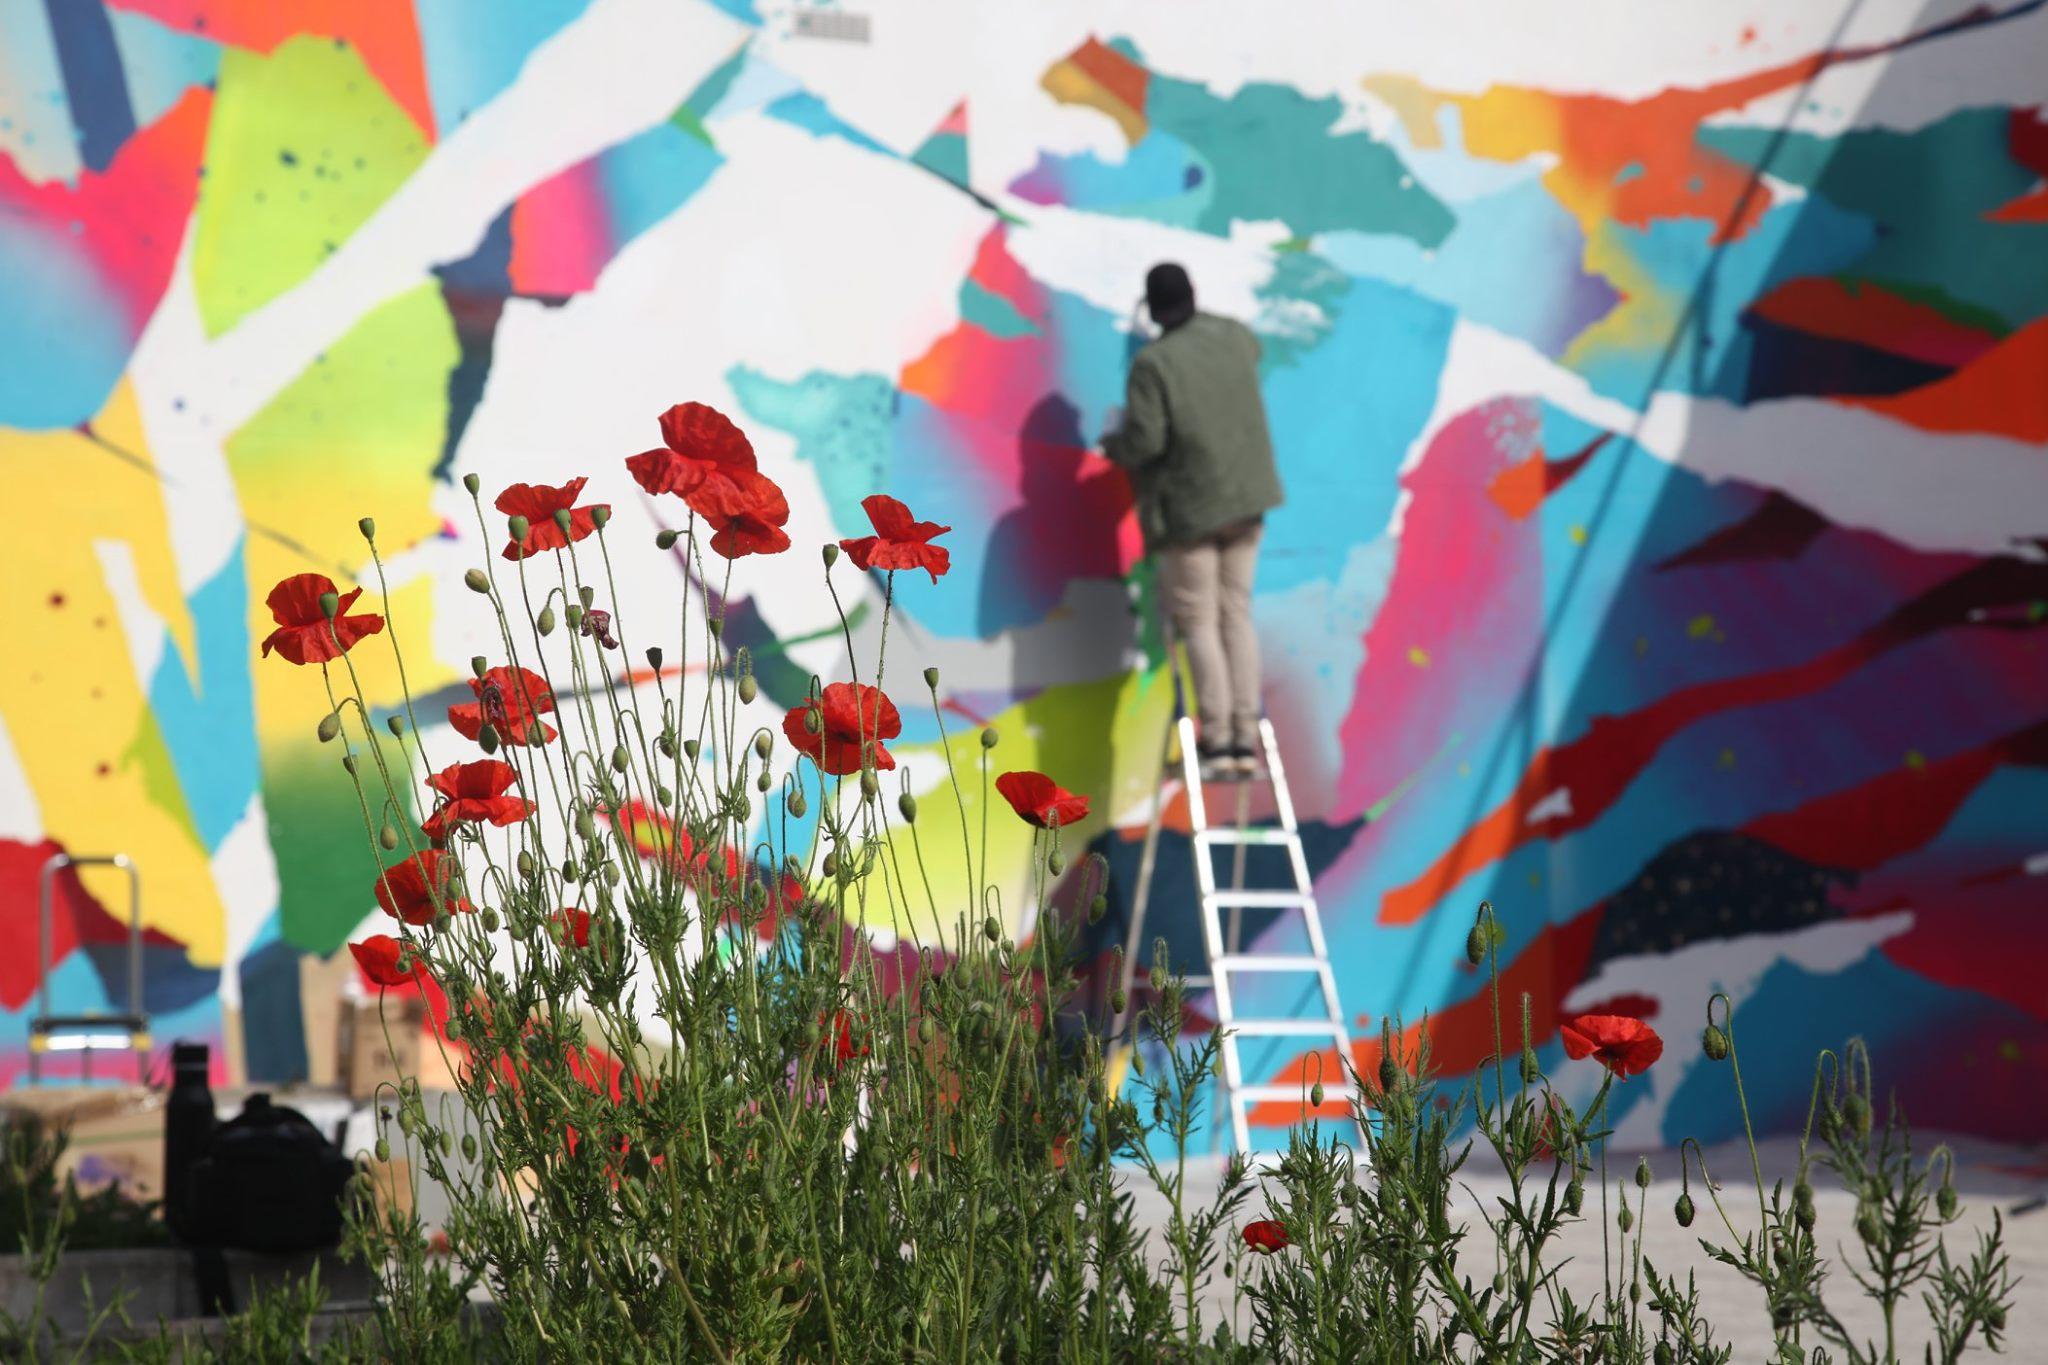 mur street art coloré réalisé en direct par un graffeur Parisien